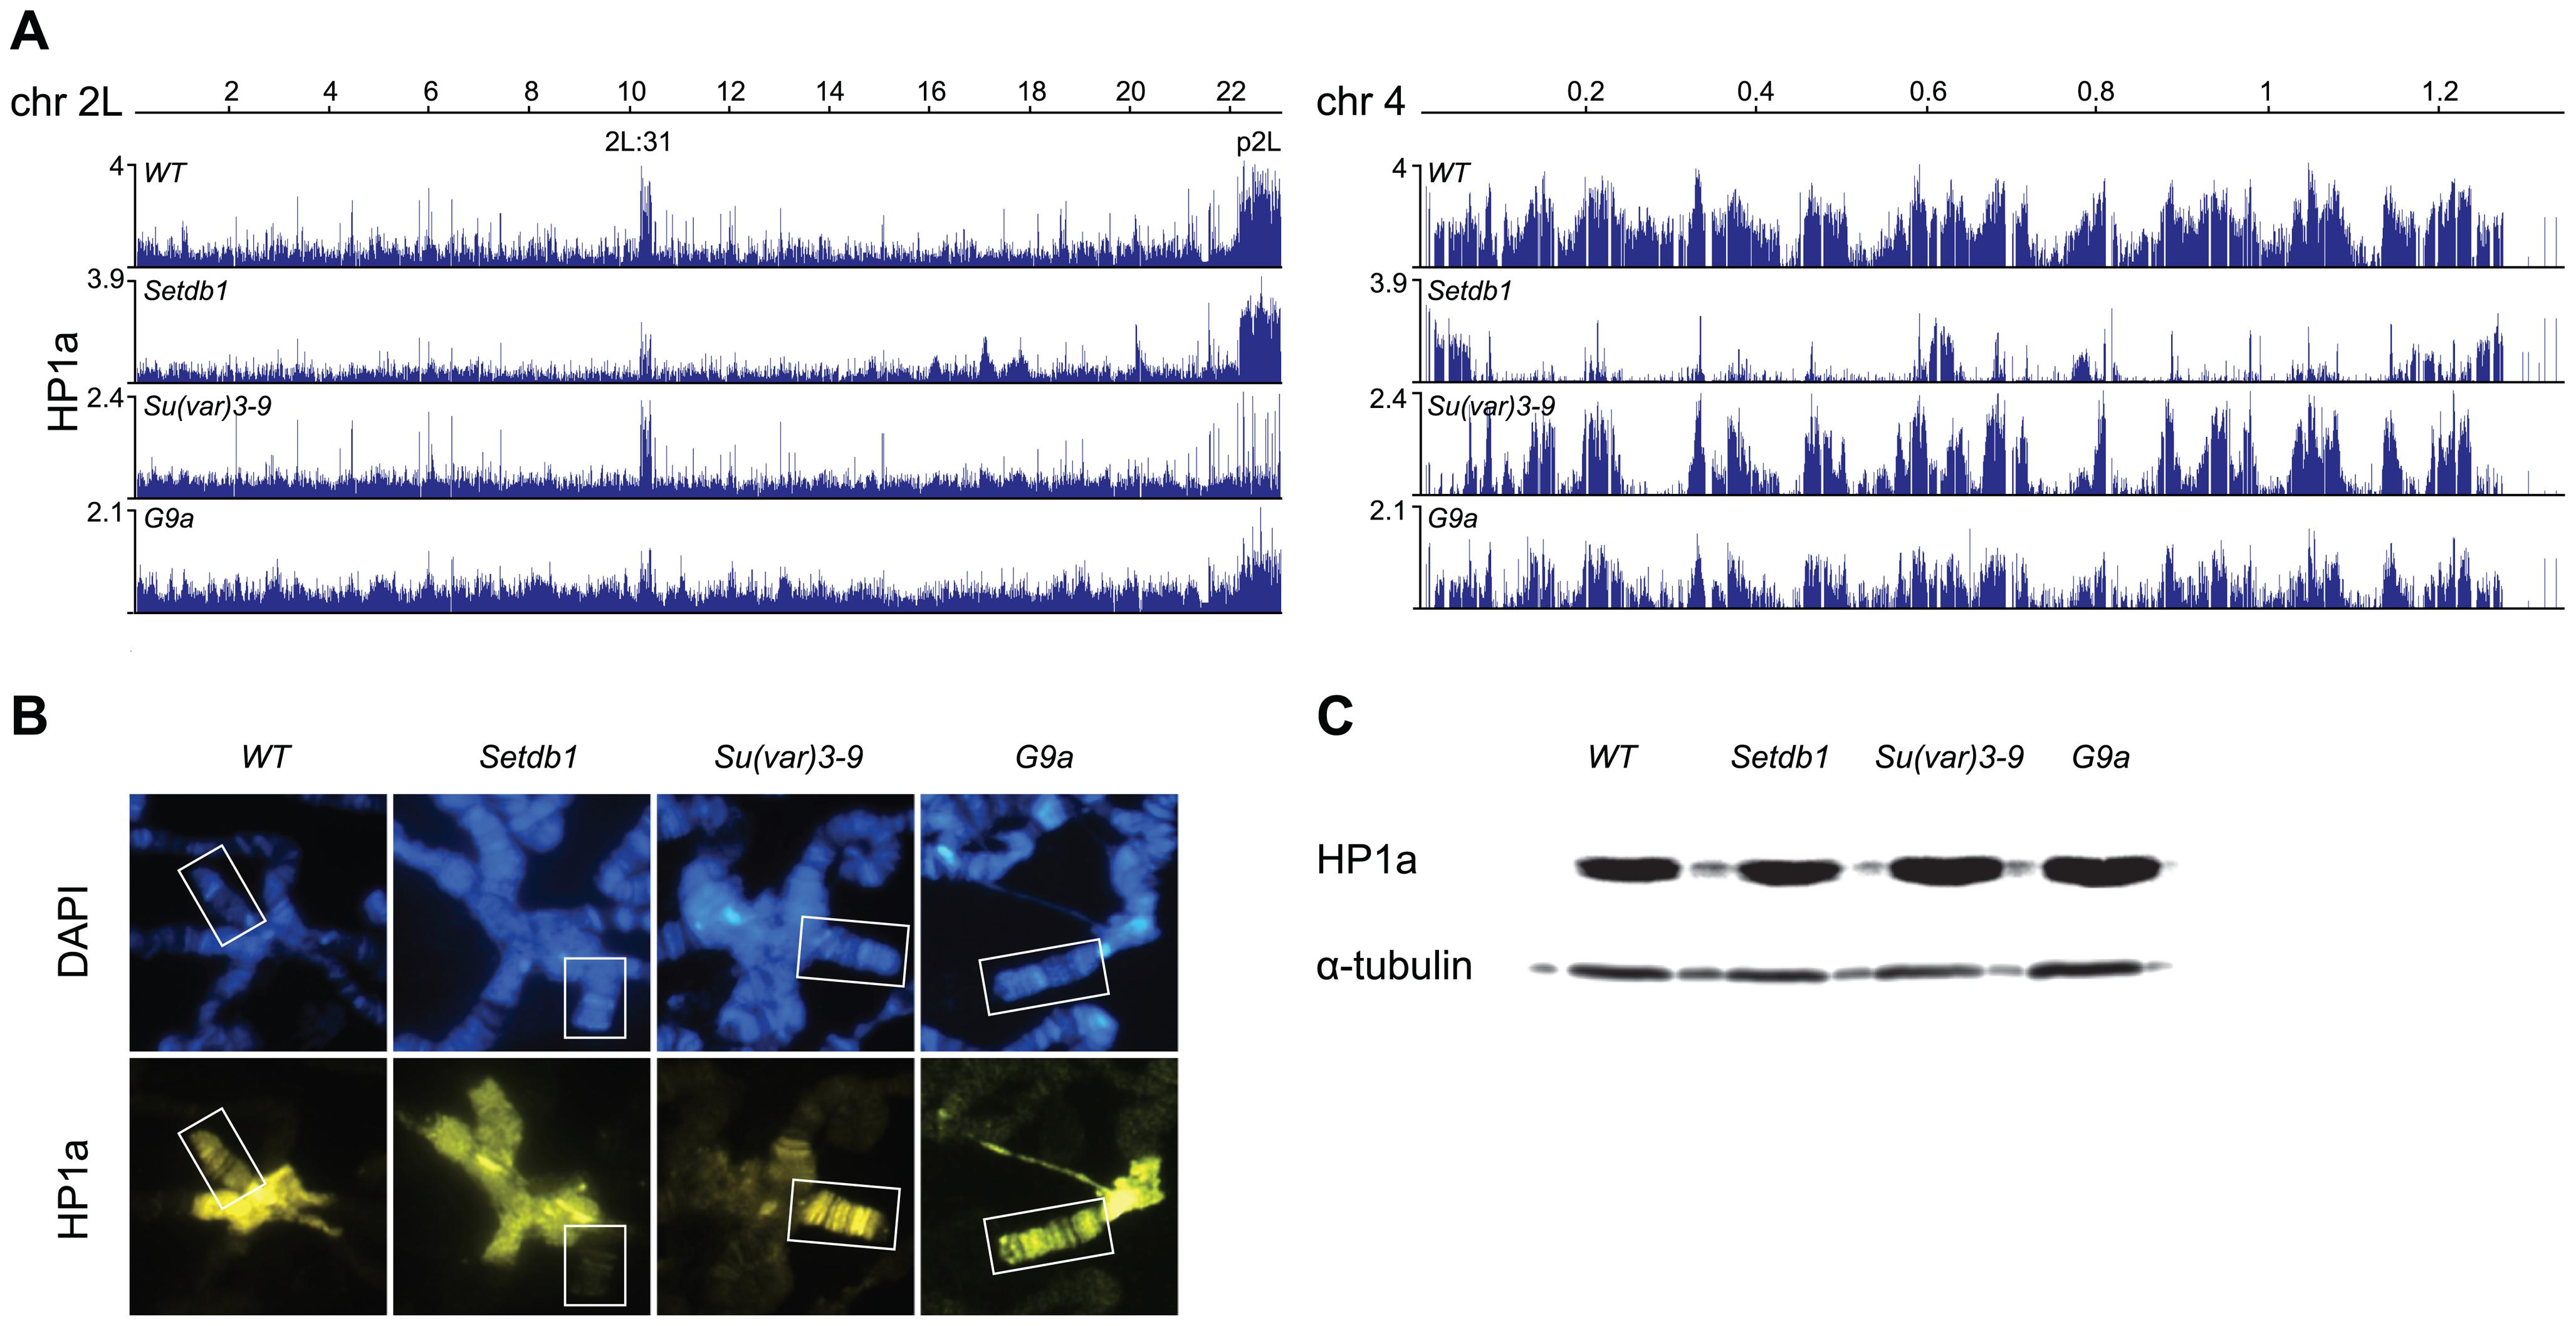 HP1a profiles in HKMT mutants.